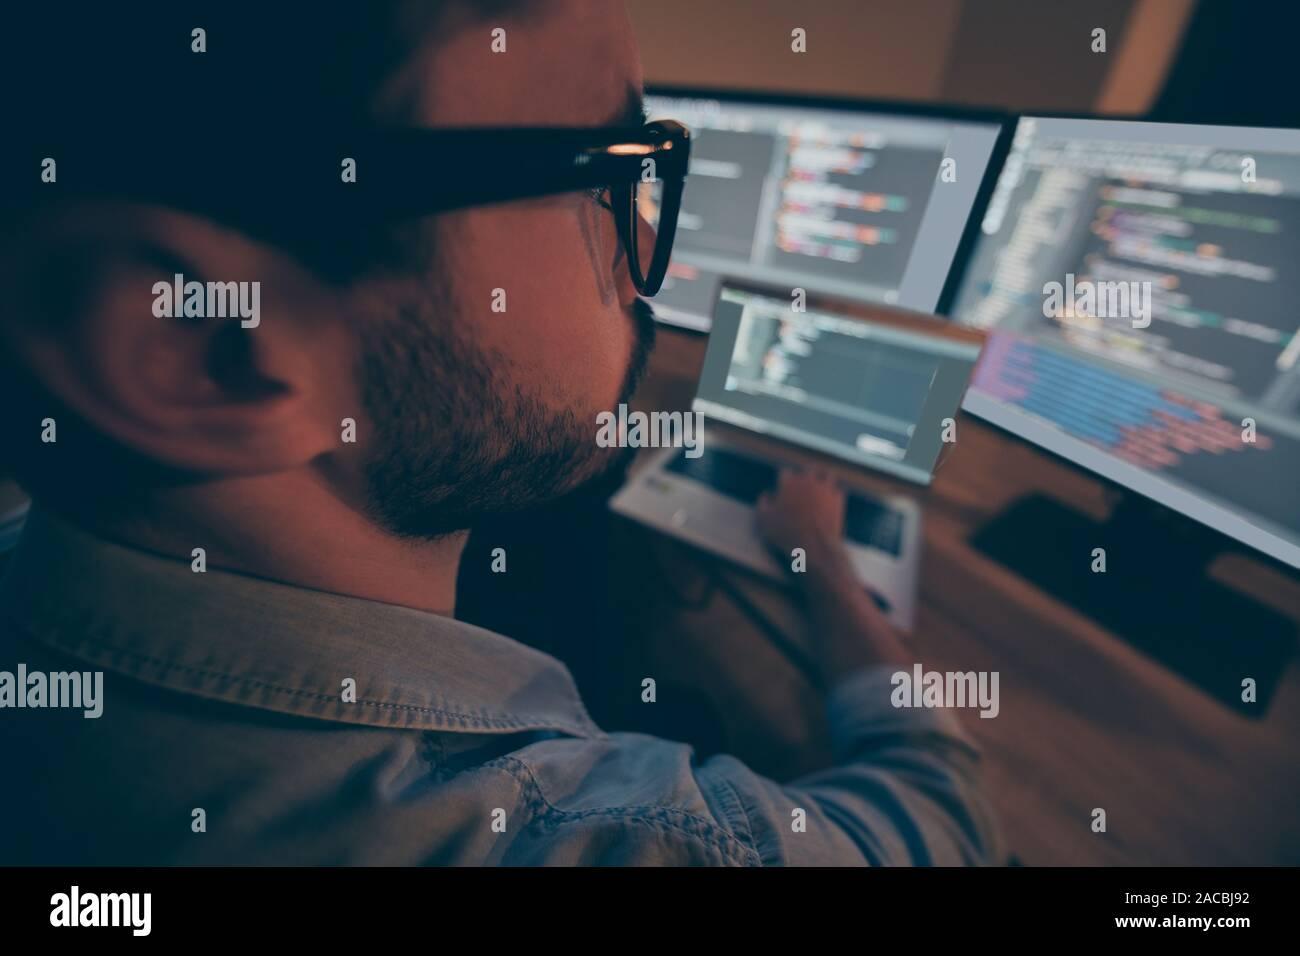 Cerrar Foto recortada de especialista, modificando los sistemas de seguridad cibernética corproration responsable de mantener en secreto los datos protegidos y ocultos Foto de stock